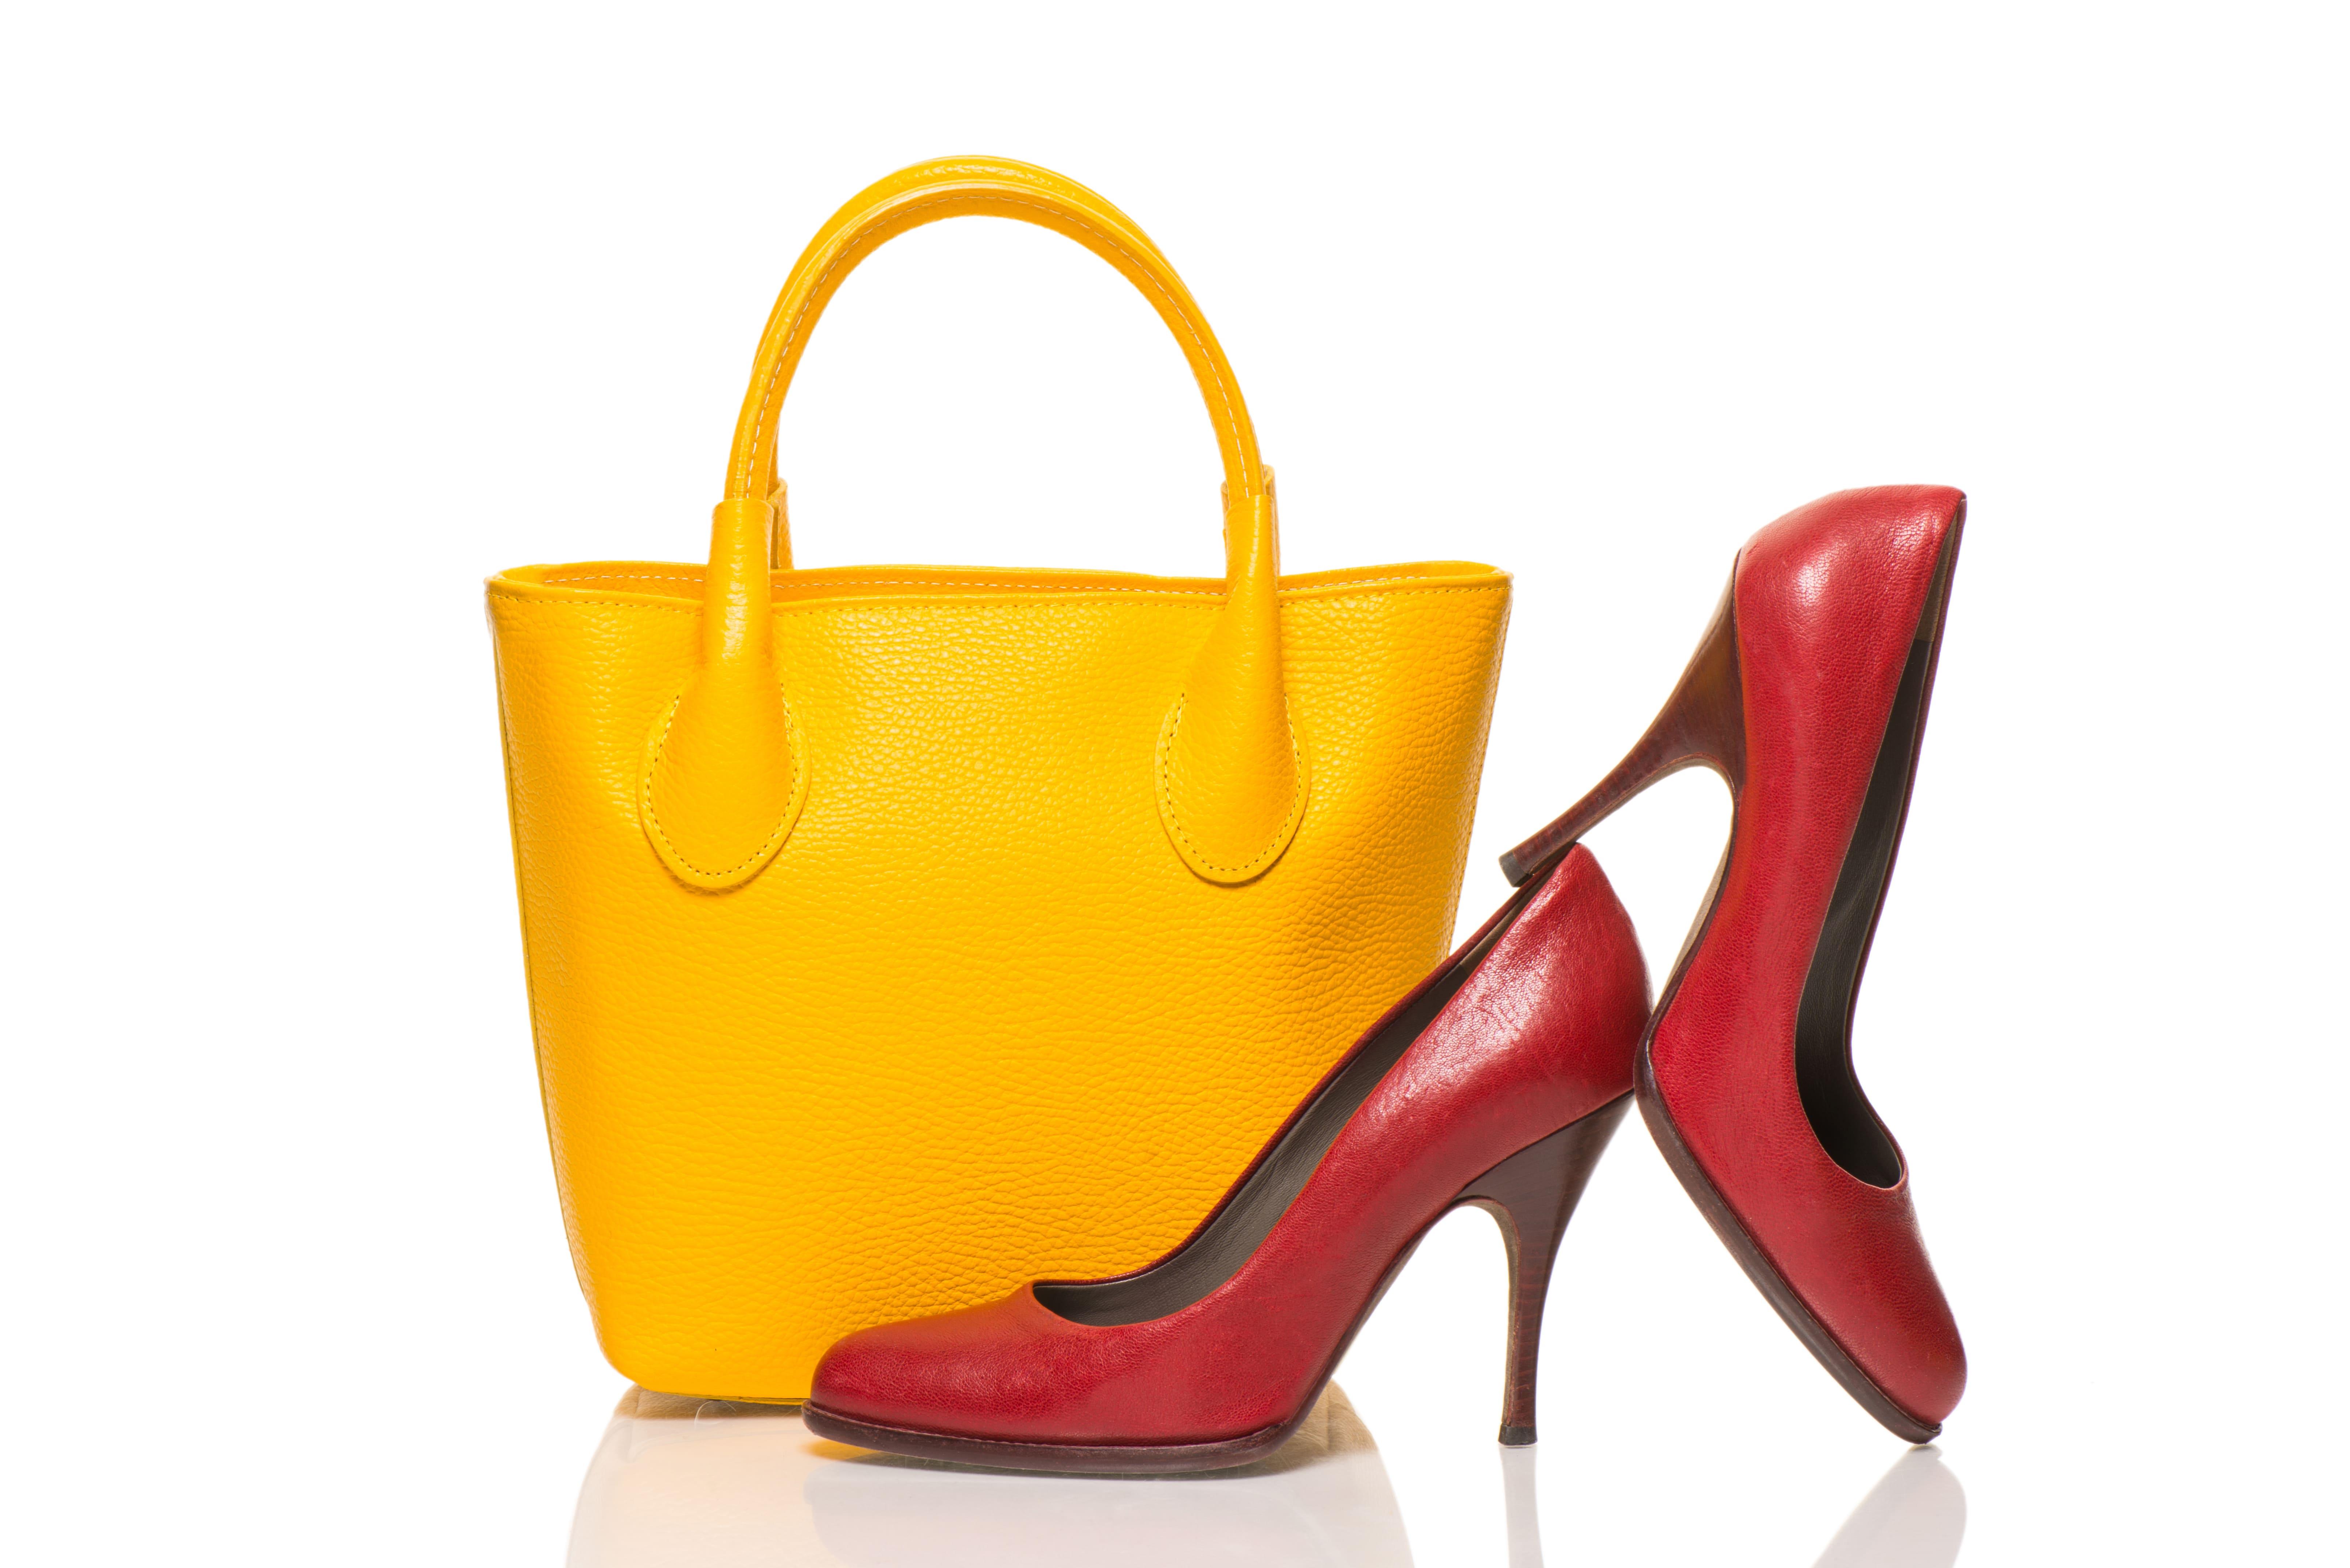 Imagem de uma bolsa e de um calçado para remeter ao empreendedor que deseja abrir uma loja de bolsas e calçados